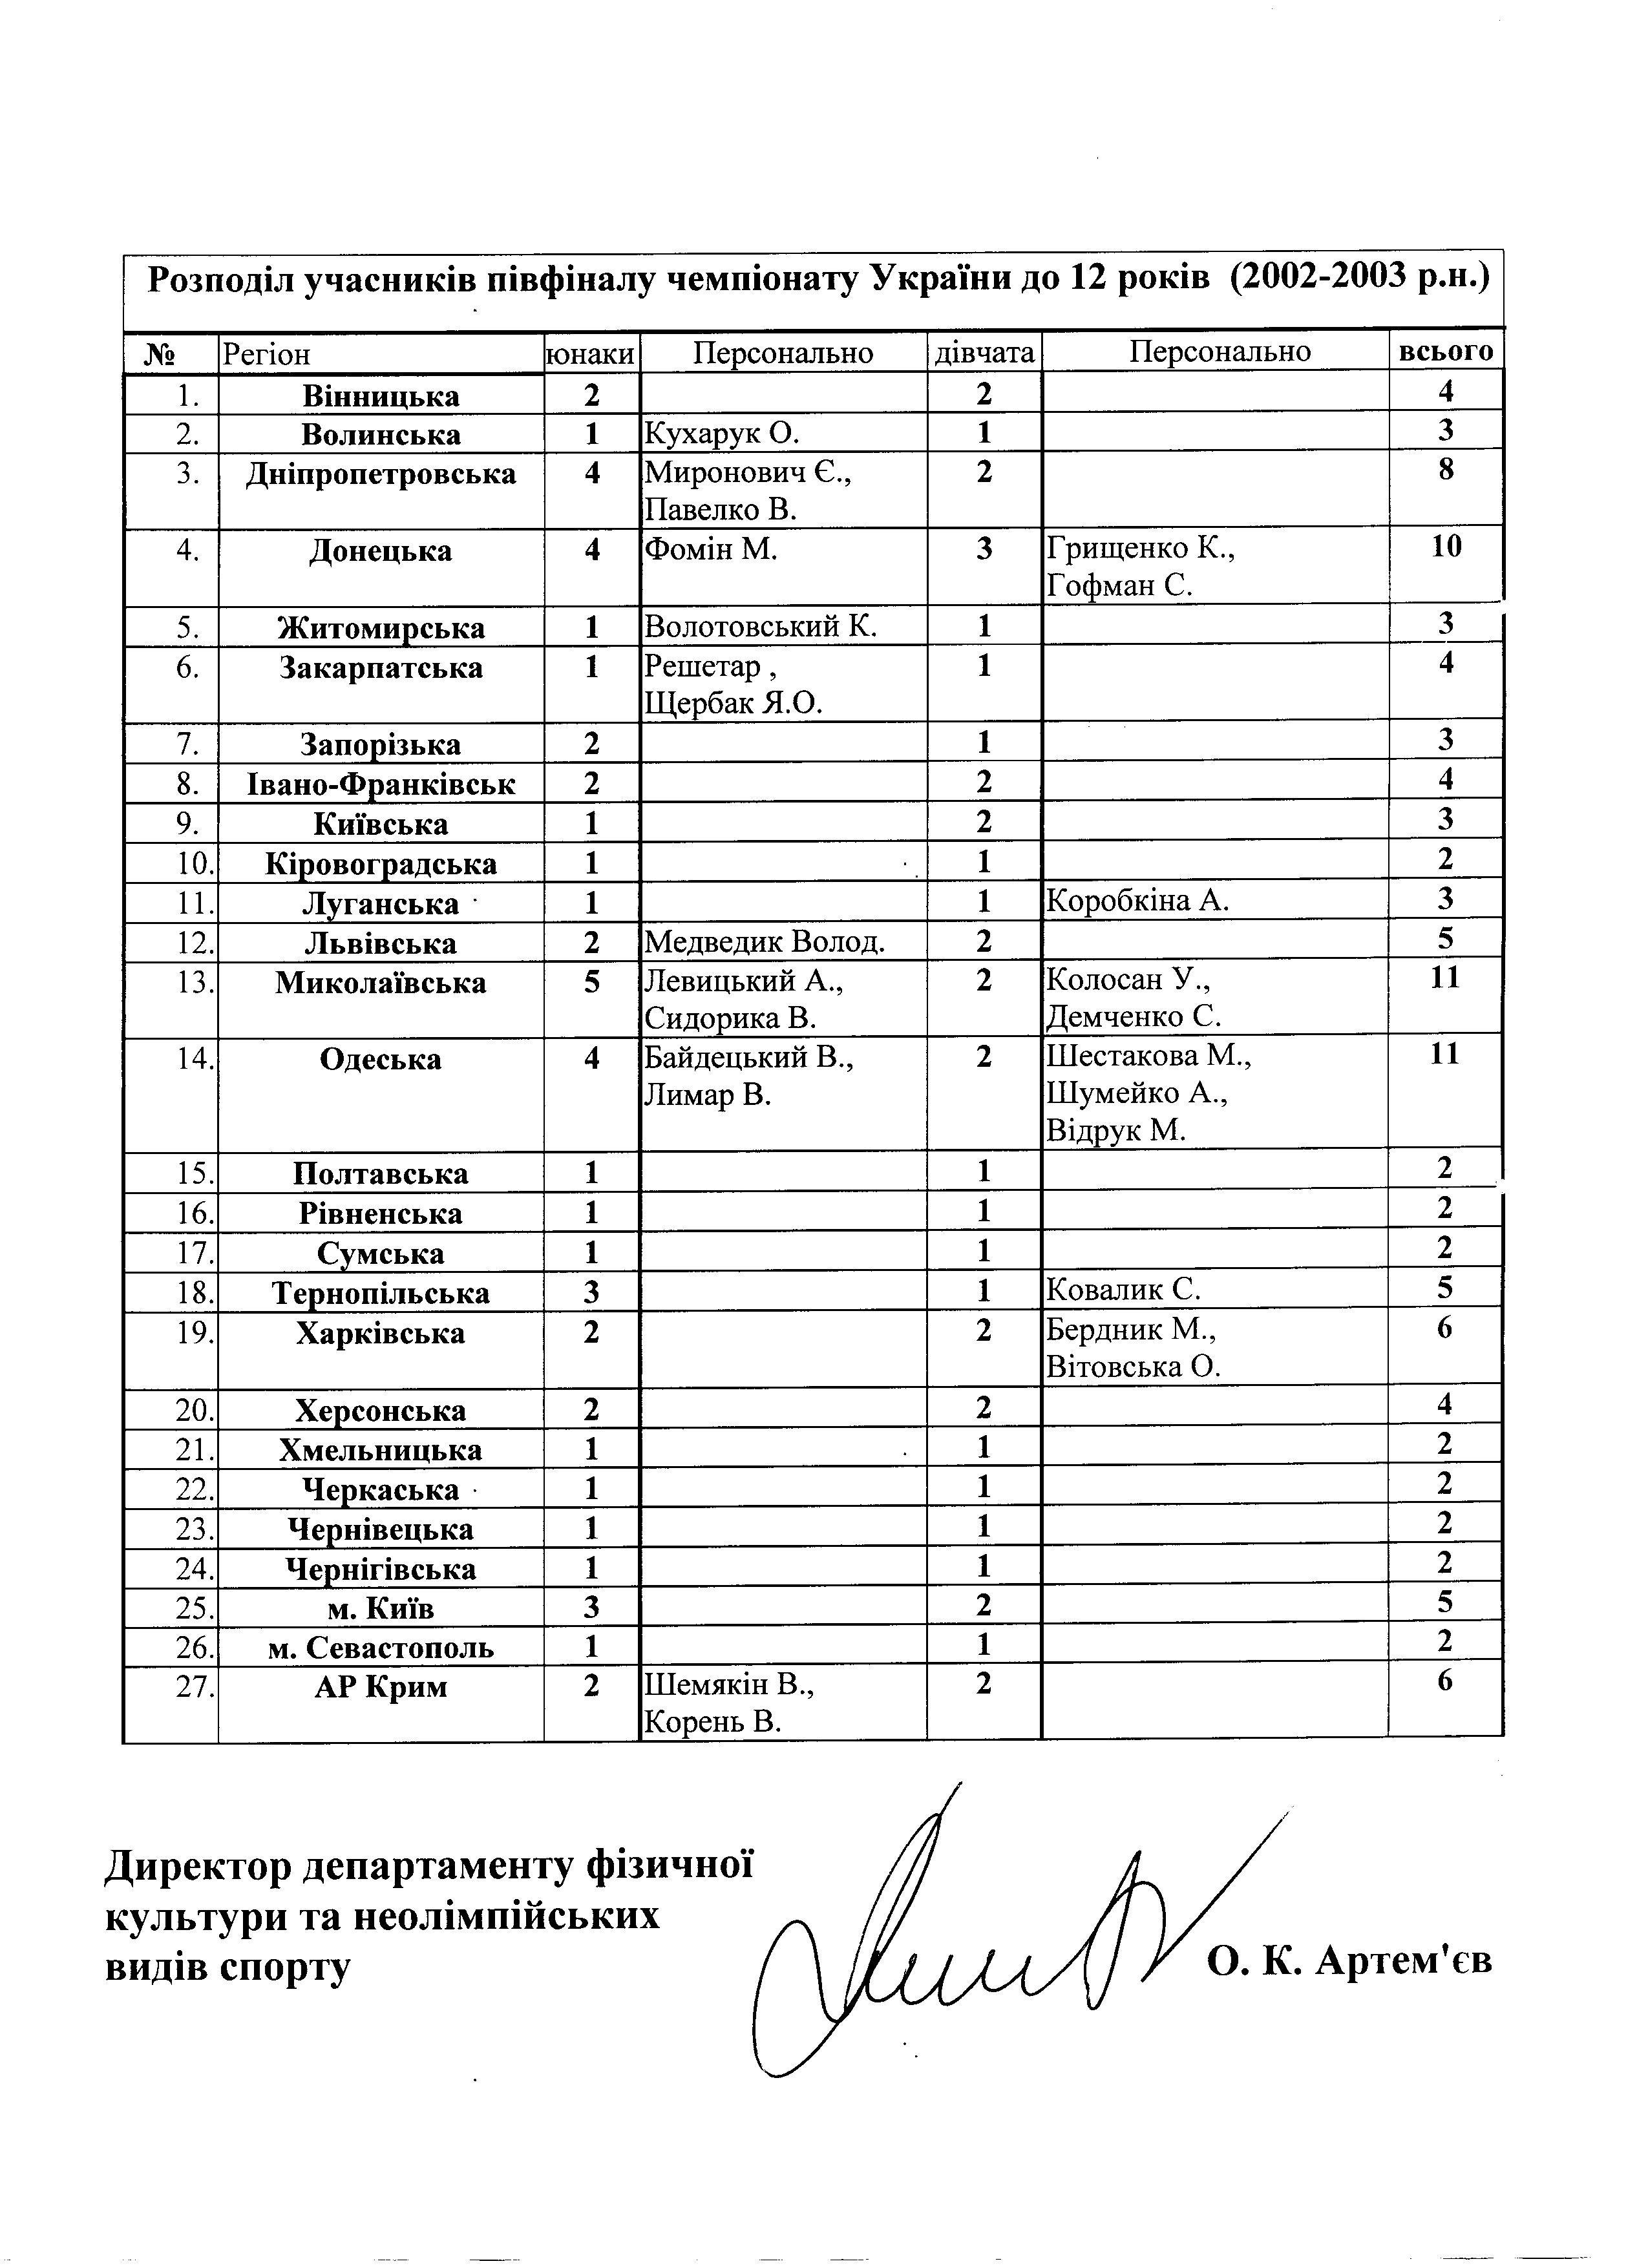 Справочник Телефонов И Адресов Бесплатно